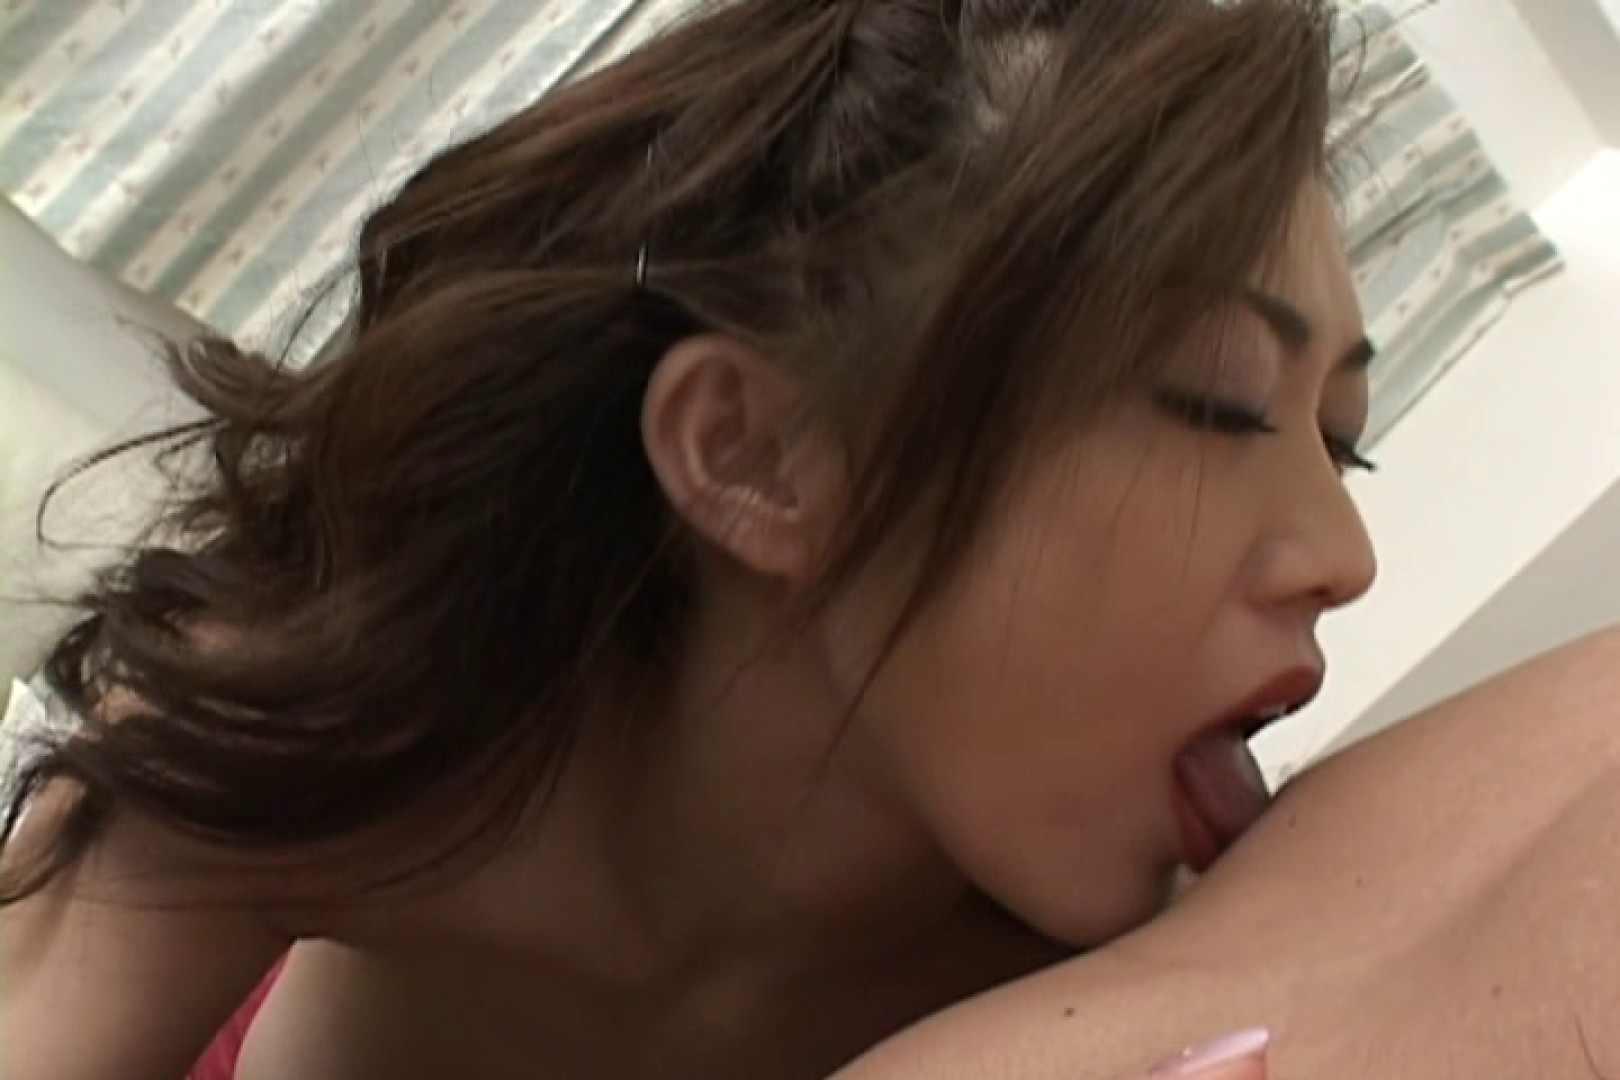 昼間の奥様は欲求不満 ~桜田ゆかり~ 淫乱   巨乳炸裂  108枚 69